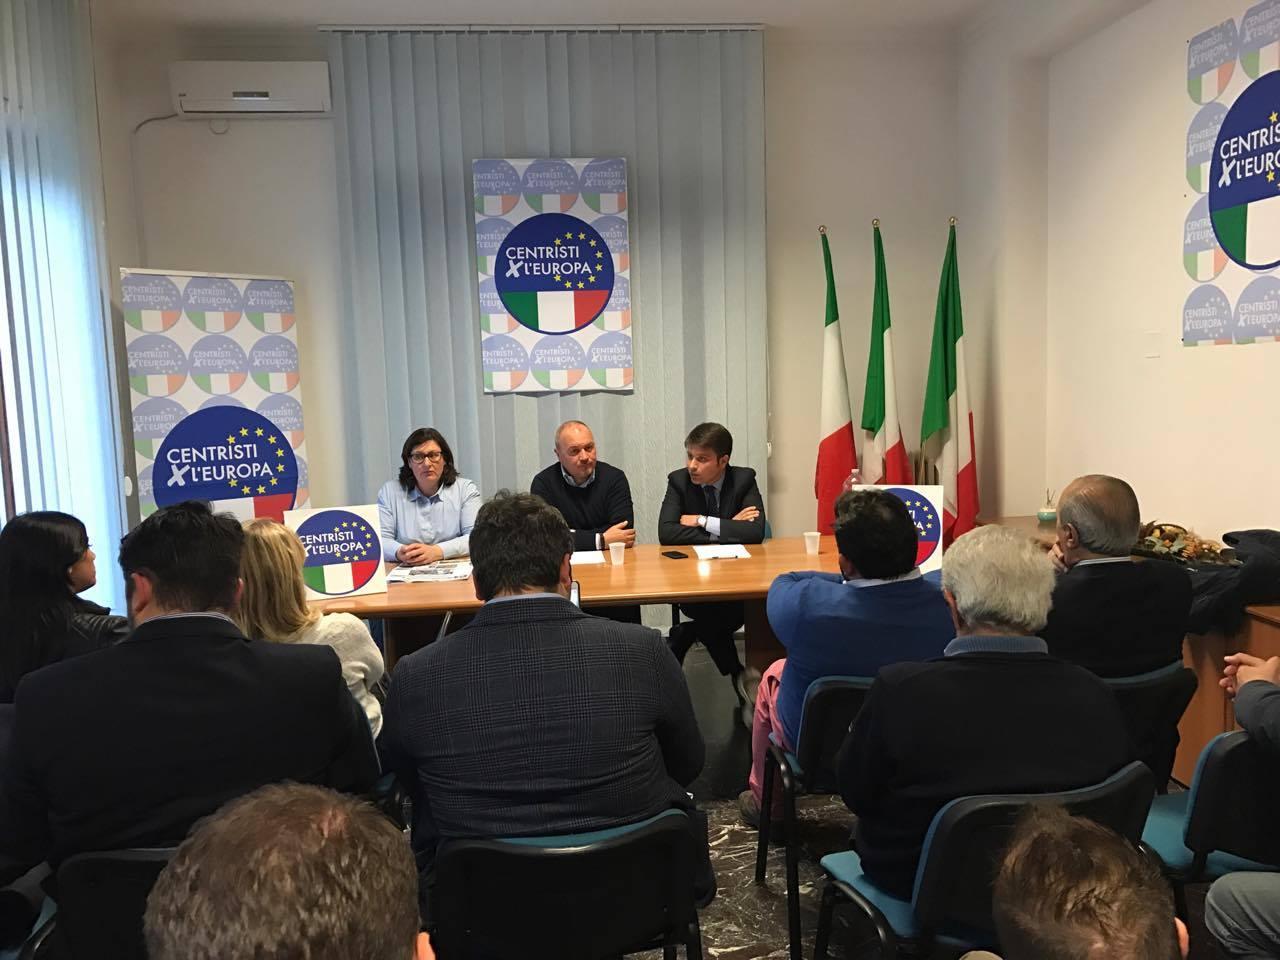 Centristi per l'Europa riunione fatta, ora si attende l'arrivo del leader Casini